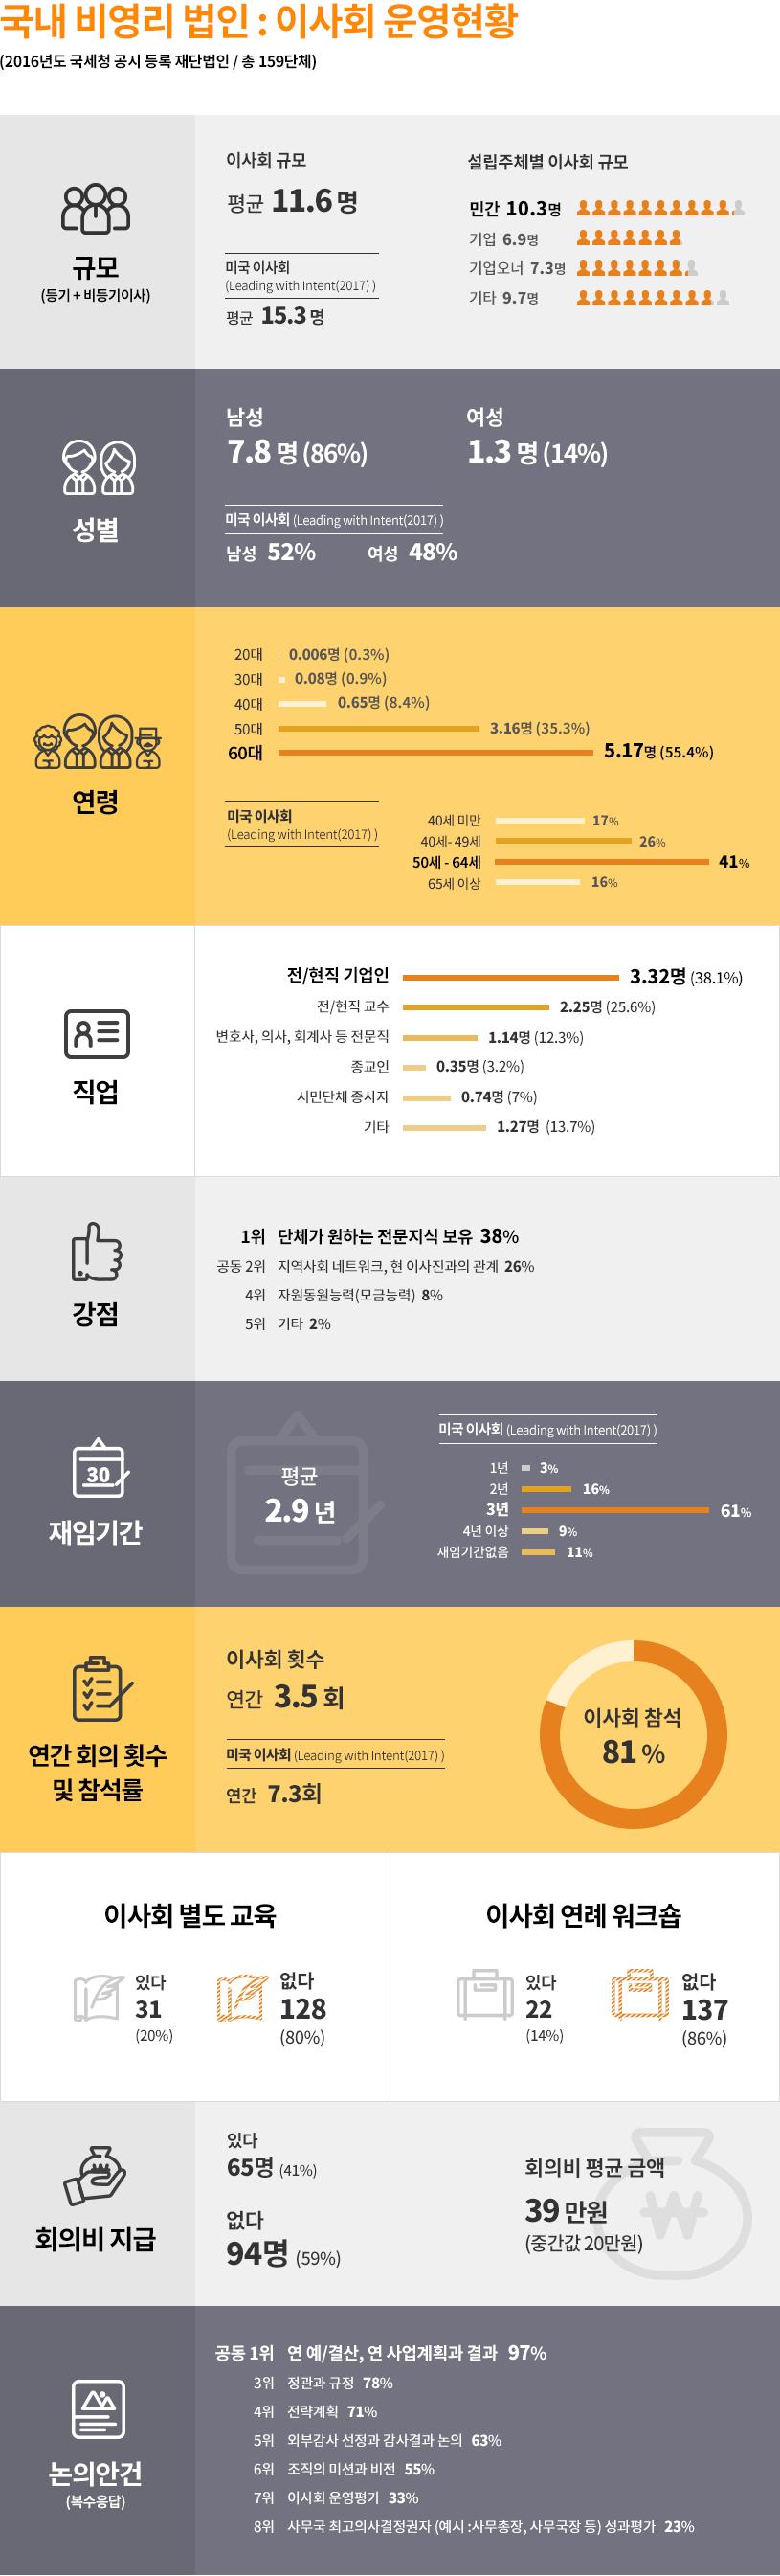 info20180115